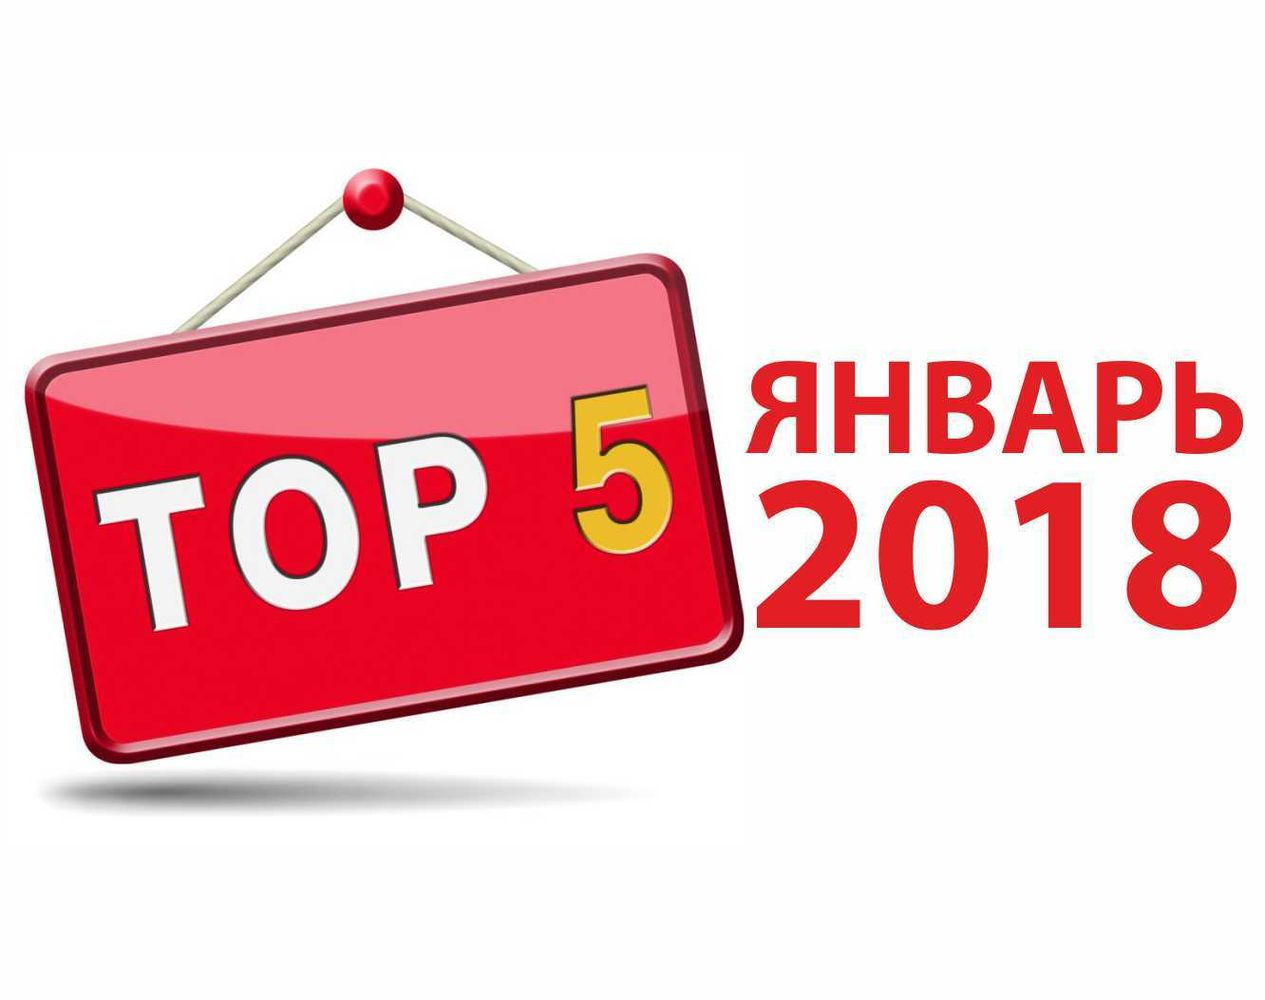 5 самых посещаемых альбомов января 2018 года на сайте СибДизайнер.ру